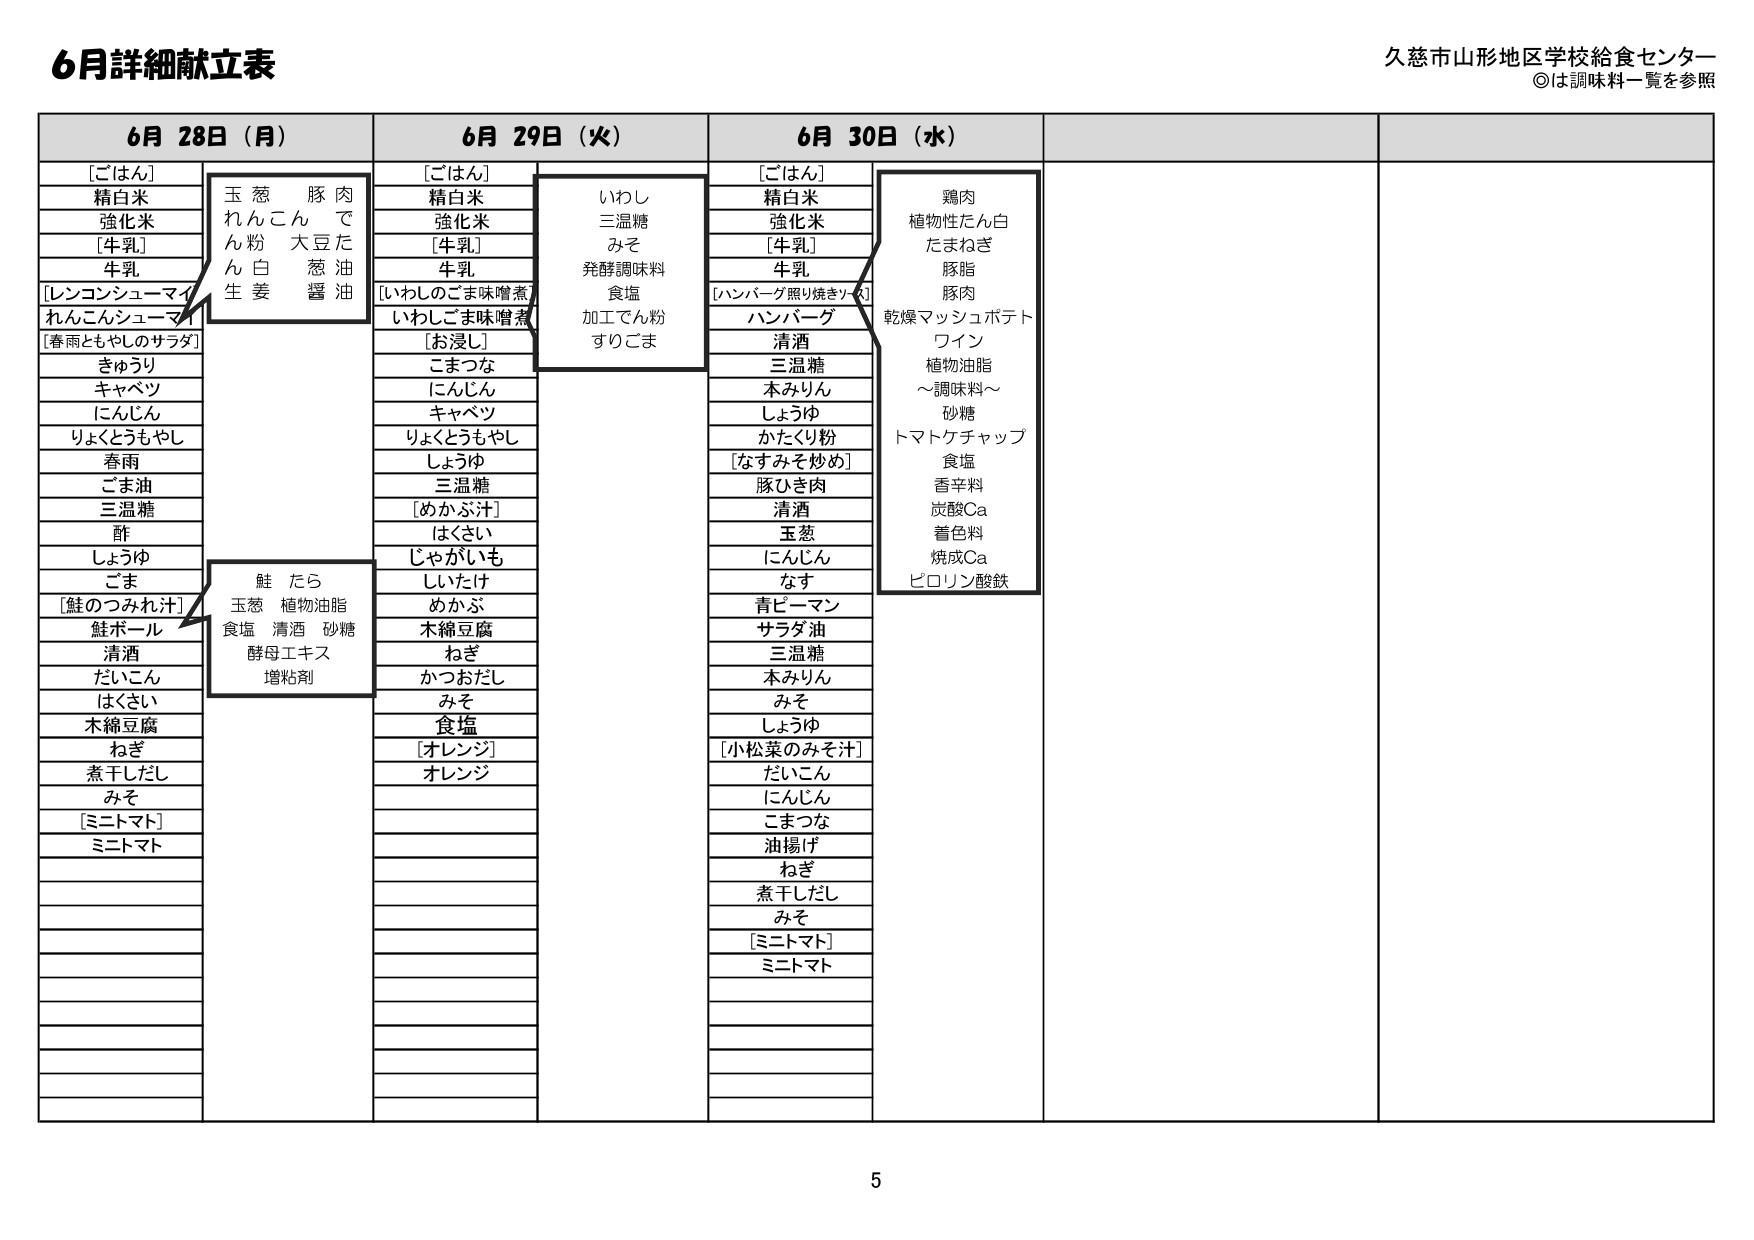 山形地区給食詳細献立表(令和3年6月)5